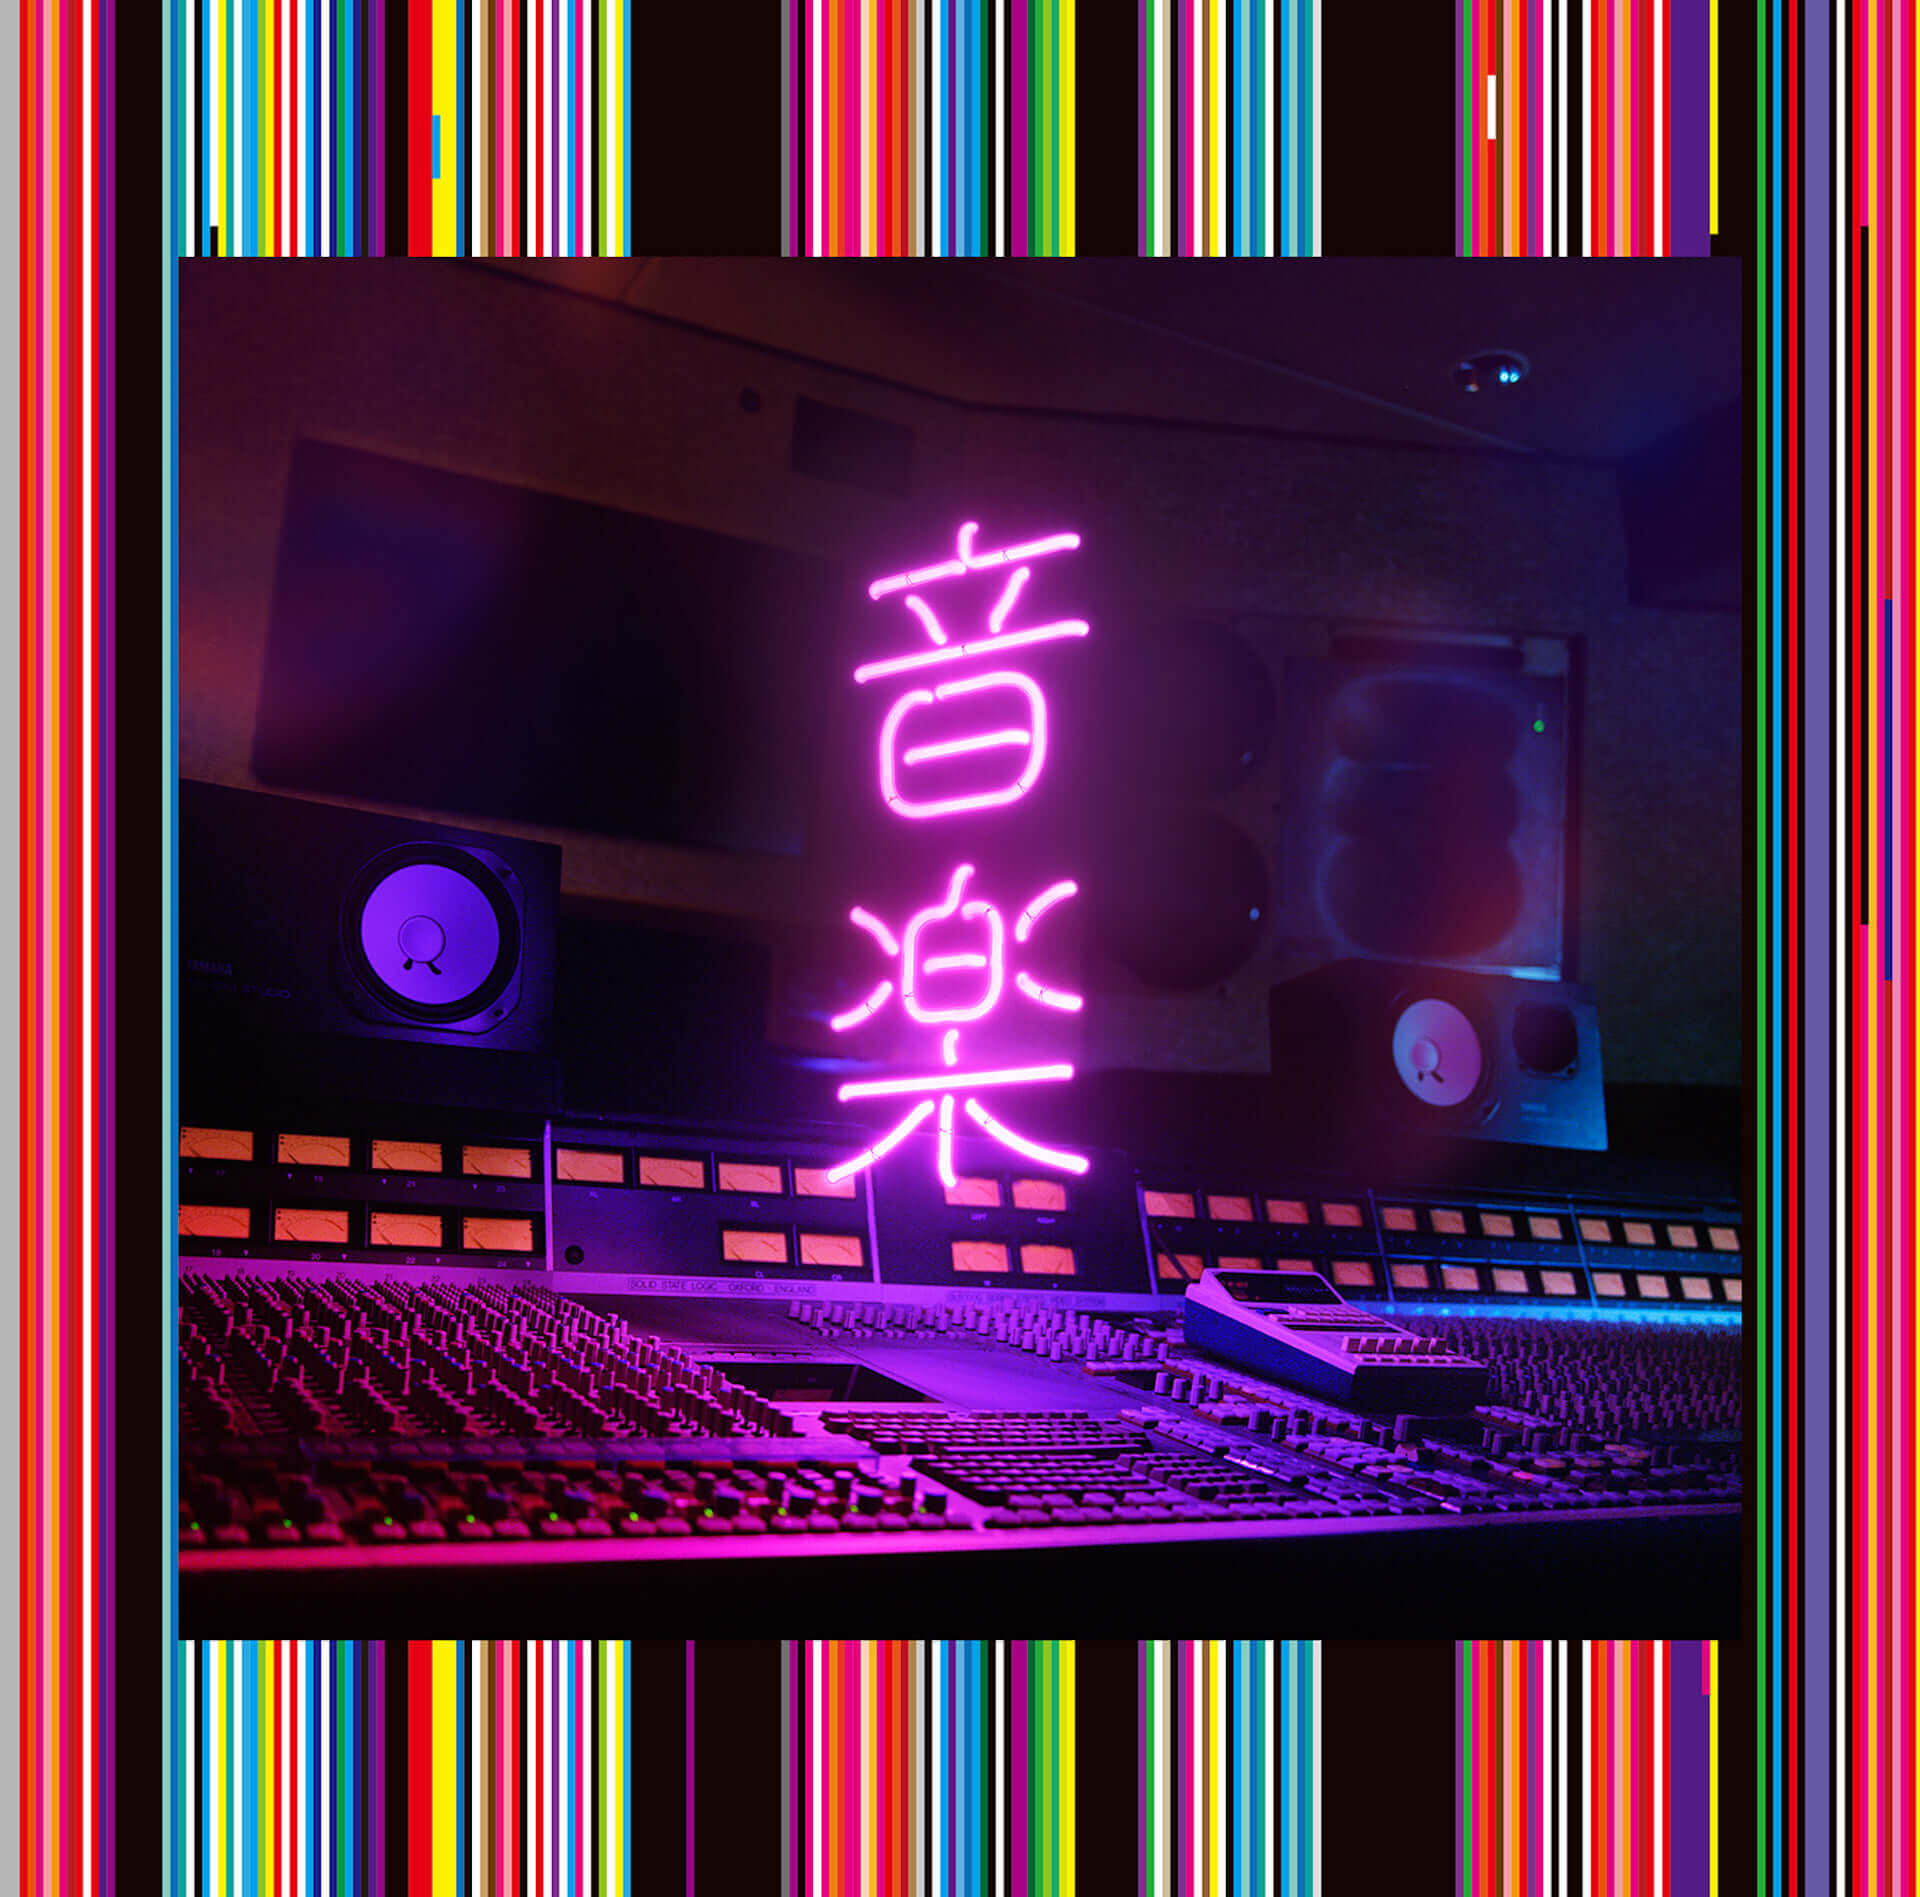 フルアルバム『音楽』のリリースを控える東京事変が来週の『ミュージックステーション』に登場! music210507_tokyoincident_4